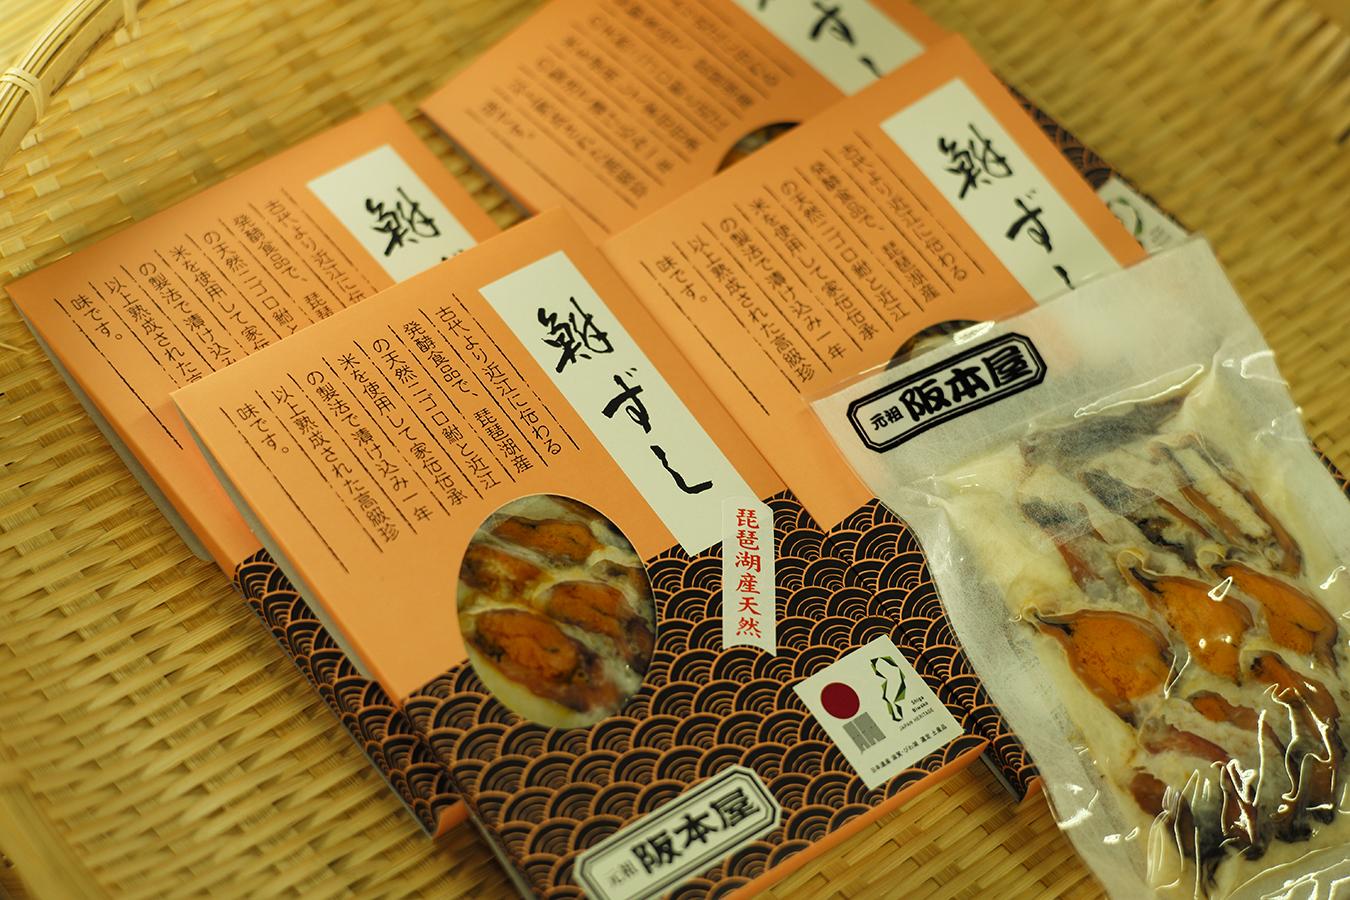 滋賀県は湖魚食文化